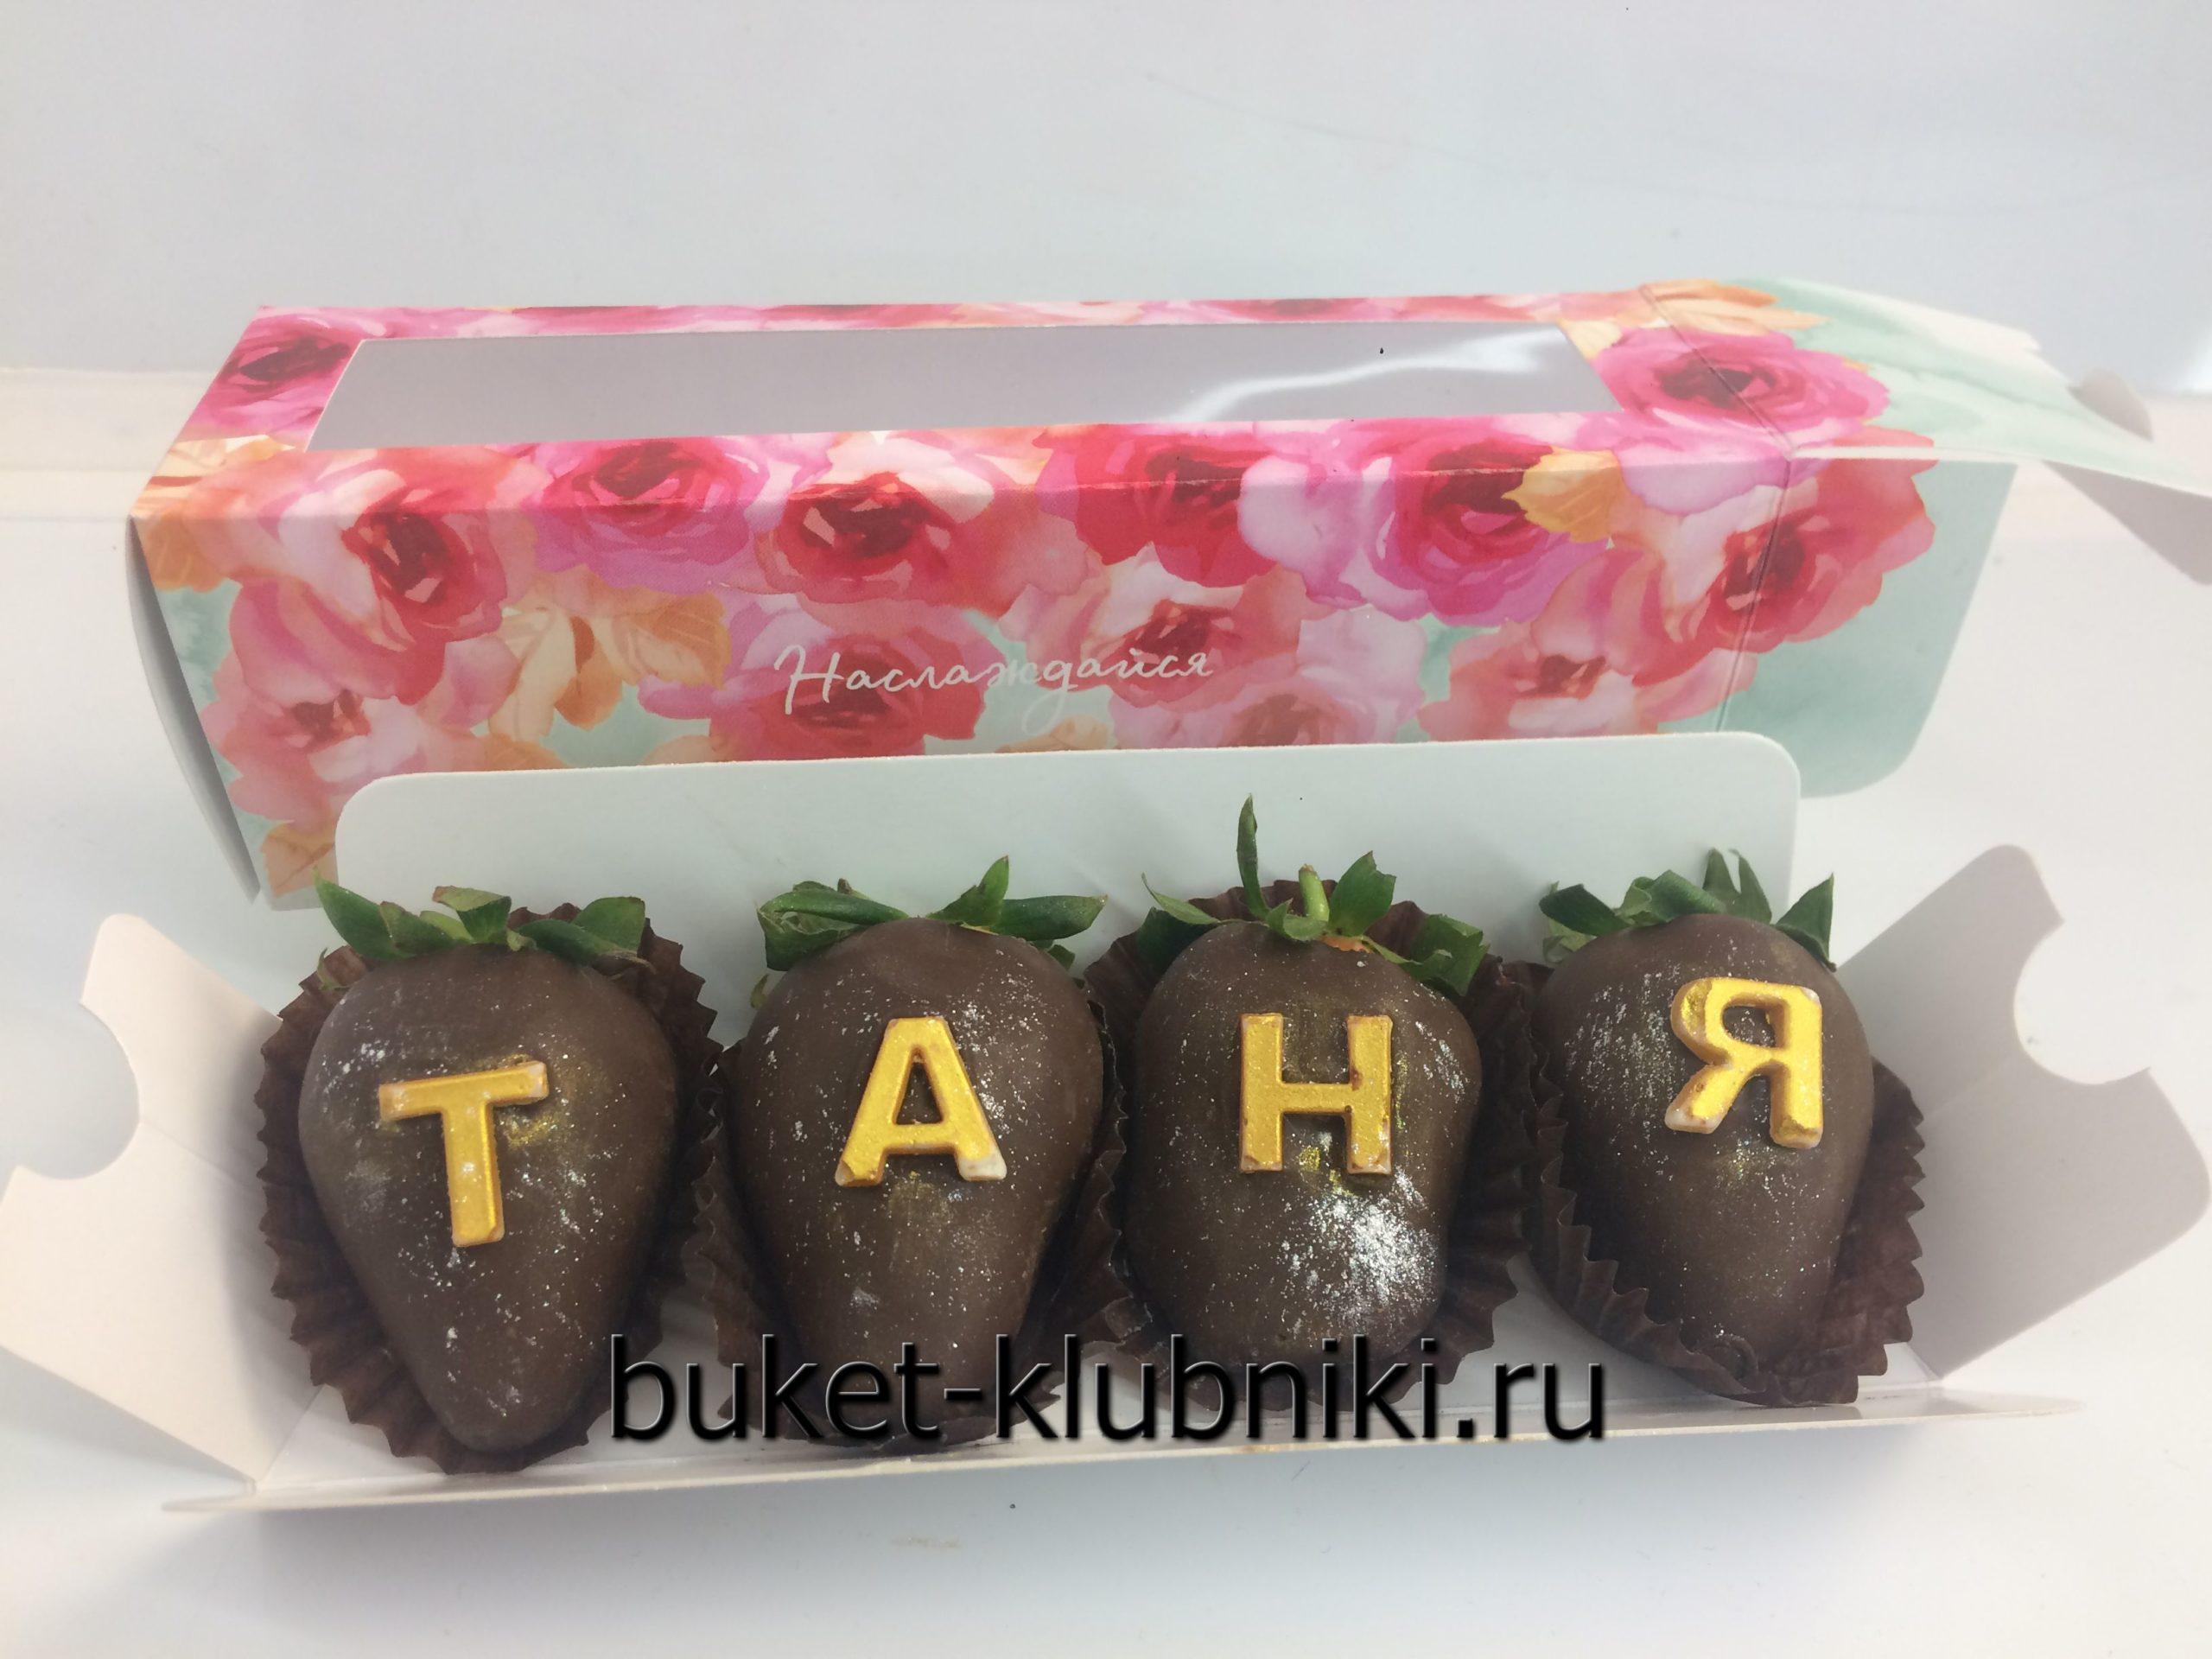 Конфеты ручной работы со съедобными буквами из шоколада